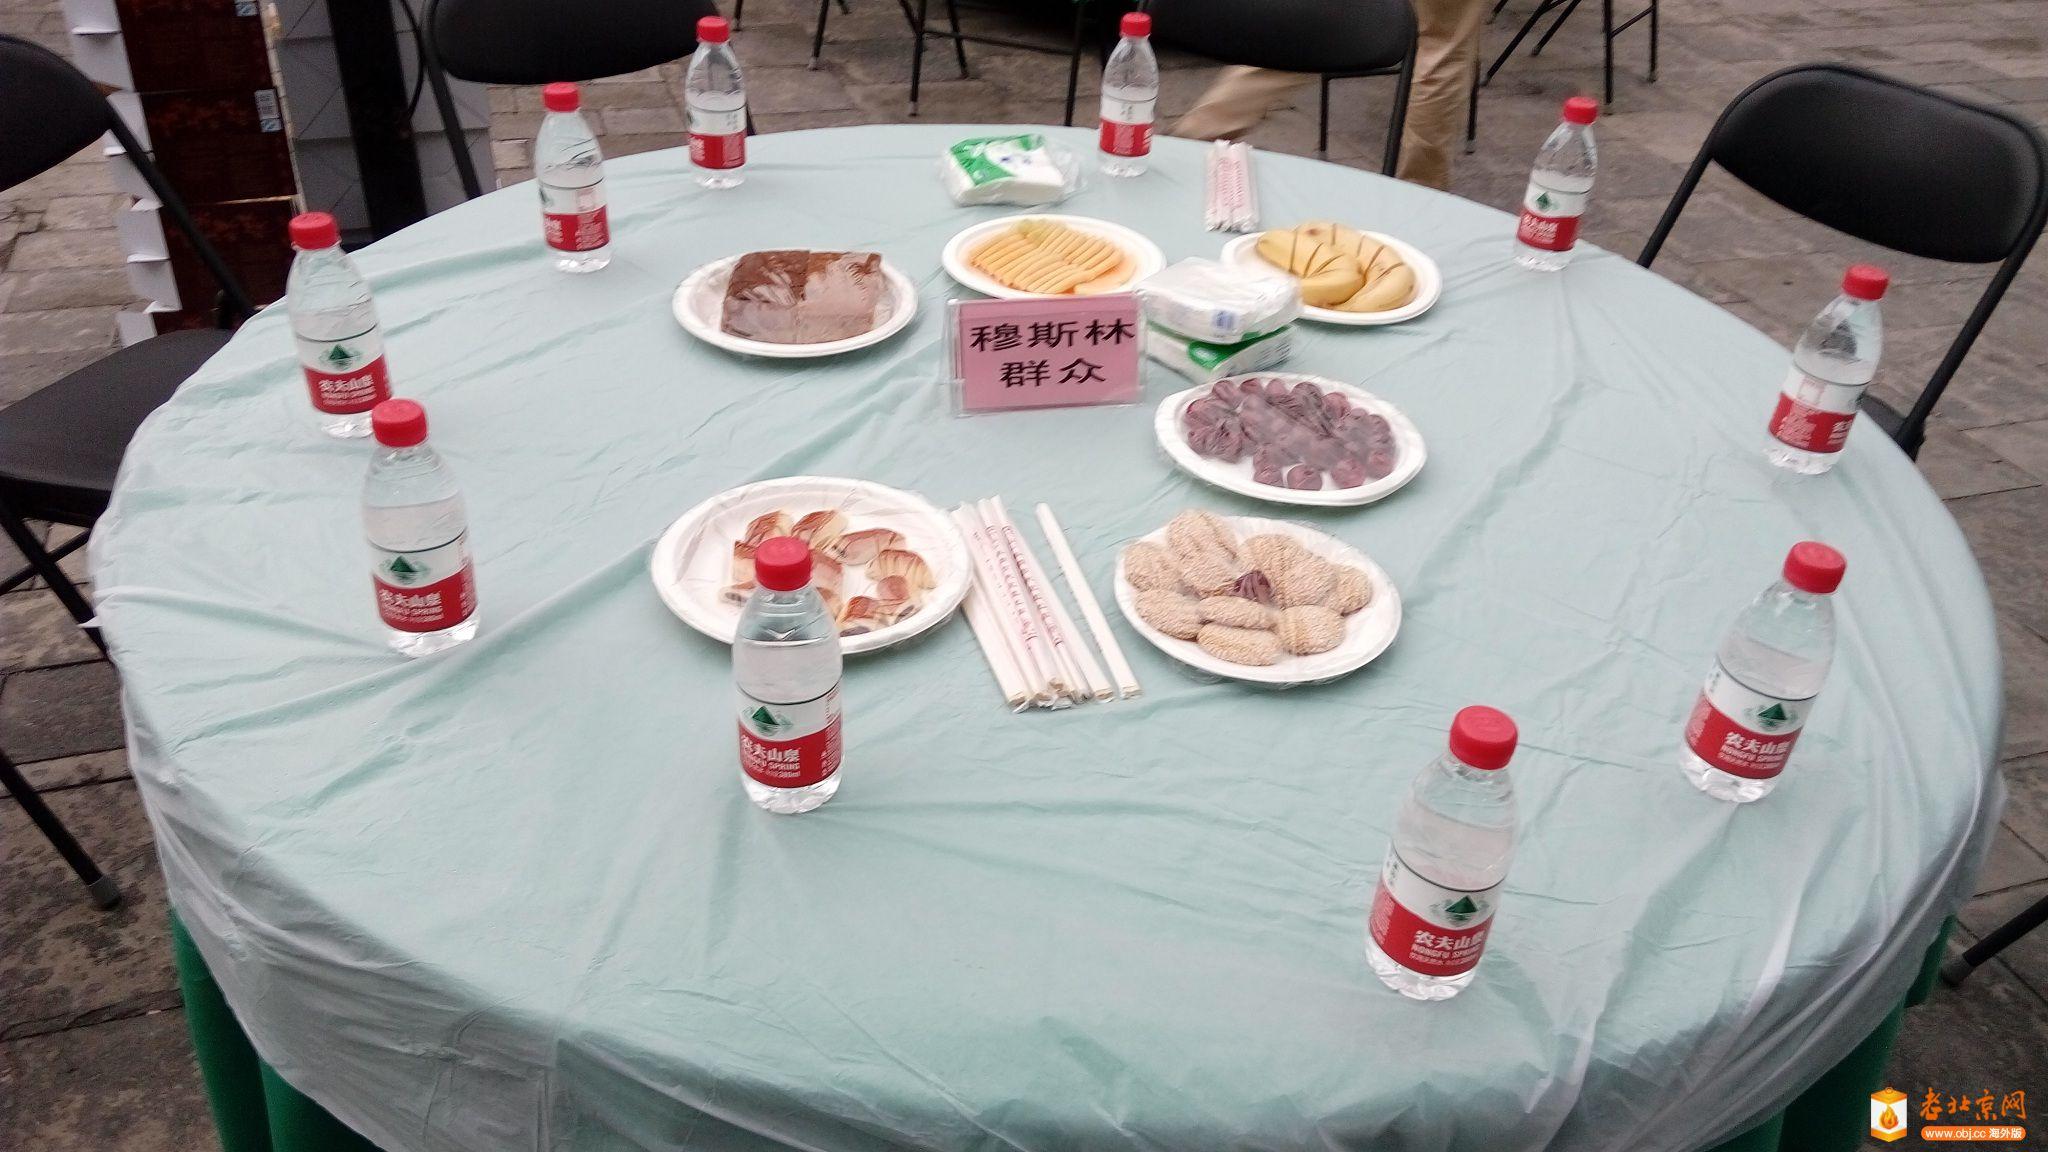 RE: 东四开斋晚宴于6月27日圆满举办(图在2楼)